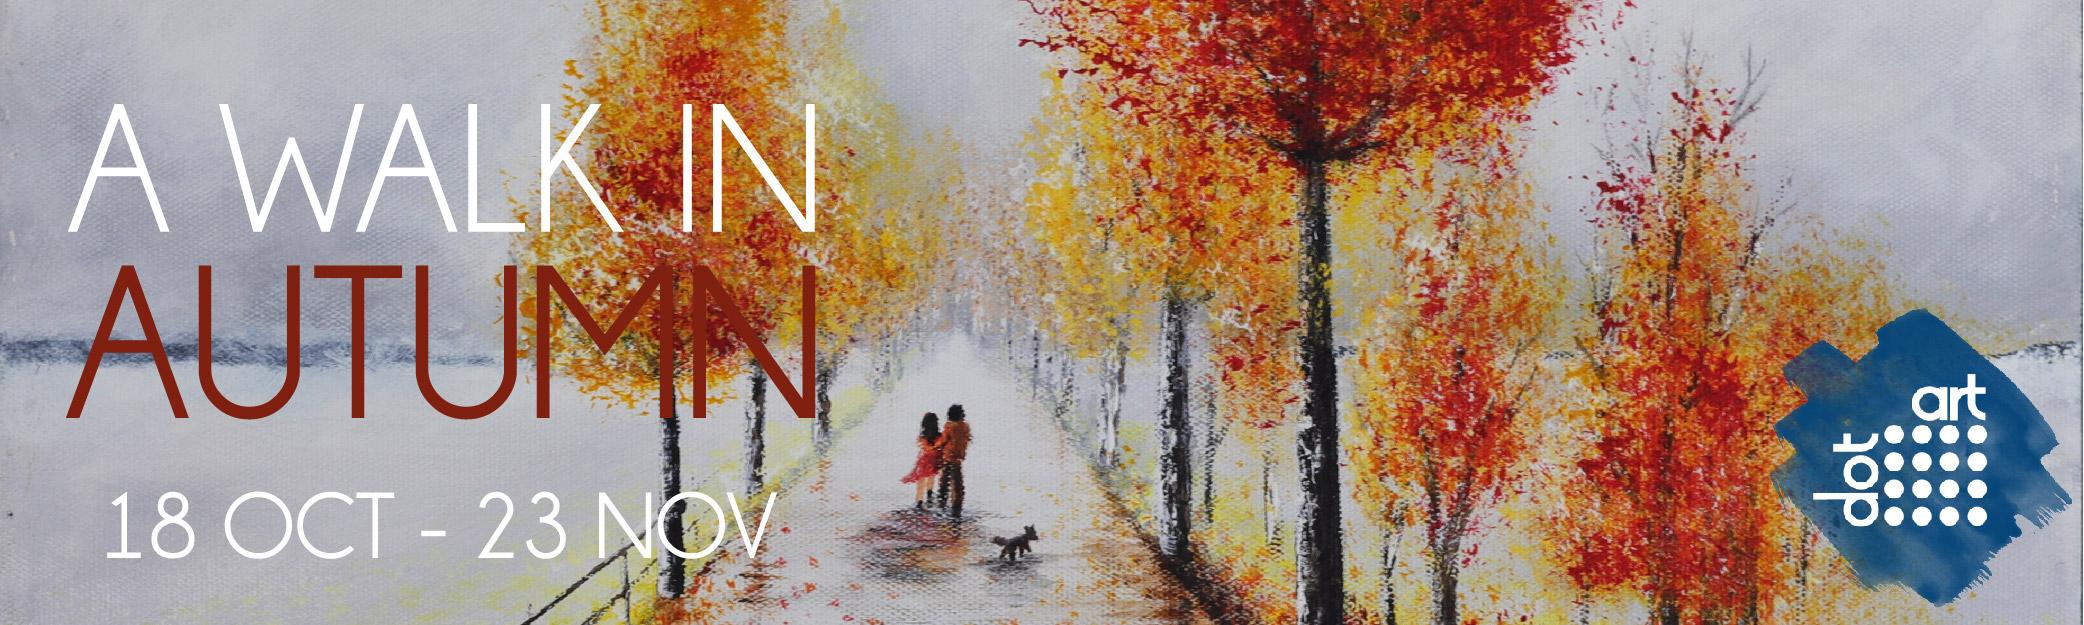 A Walk In Autumn at dot-art